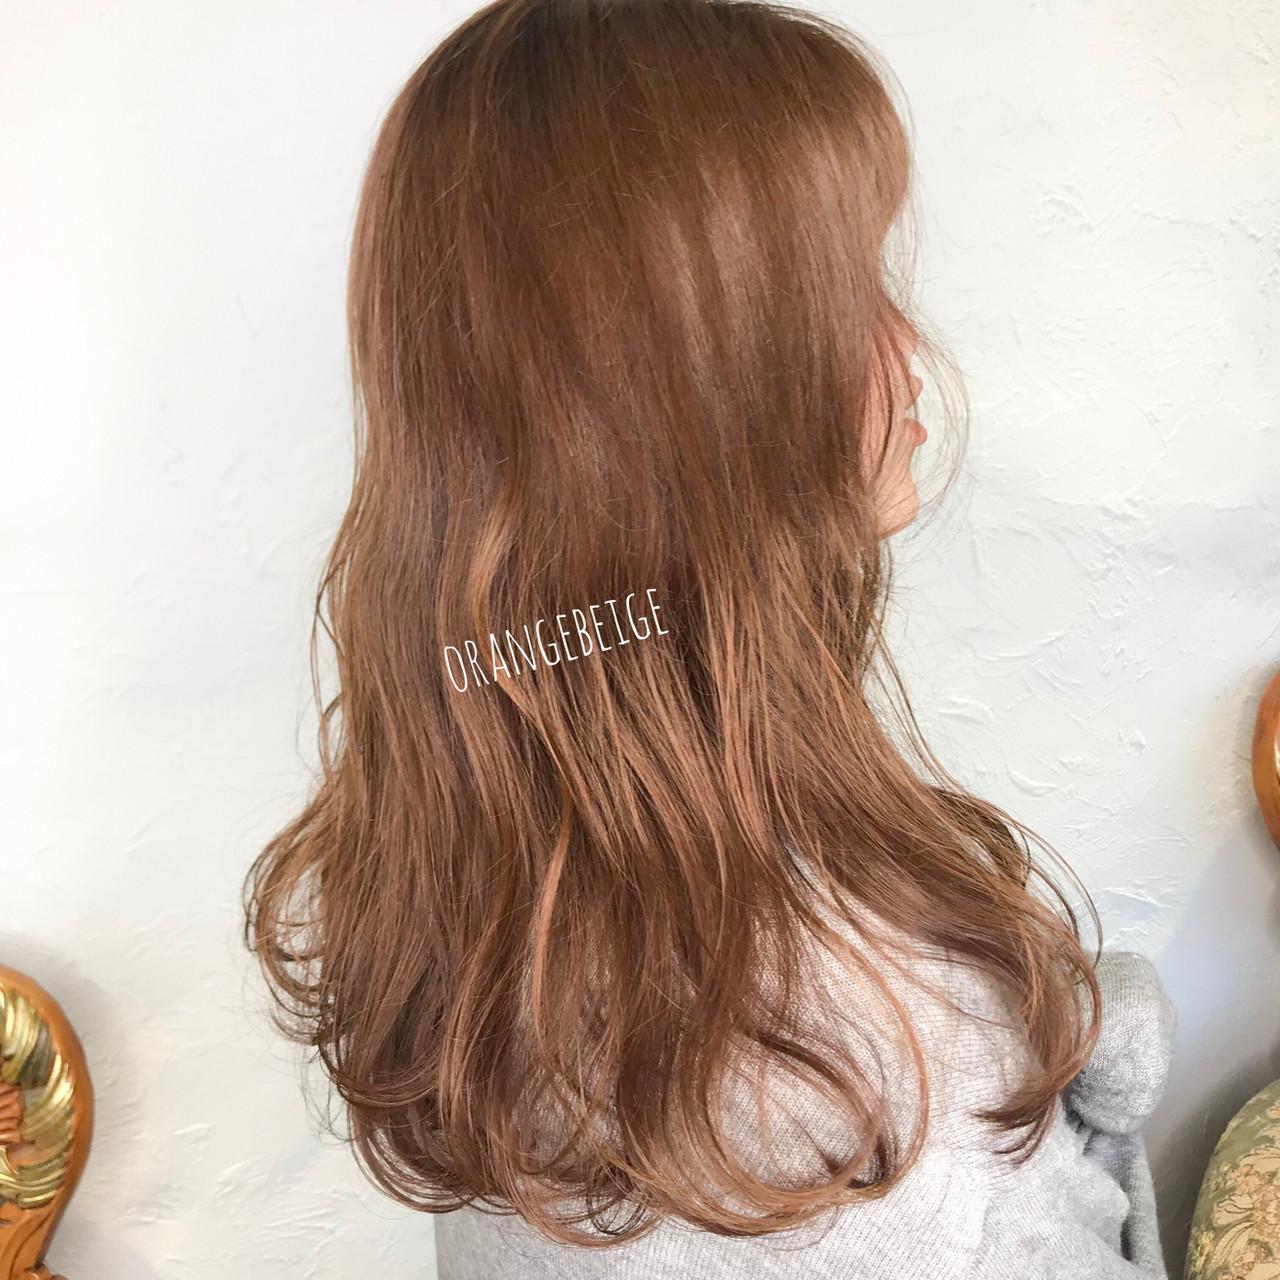 ゆるふわ シナモンベージュ ゆるふわパーマ オレンジベージュヘアスタイルや髪型の写真・画像